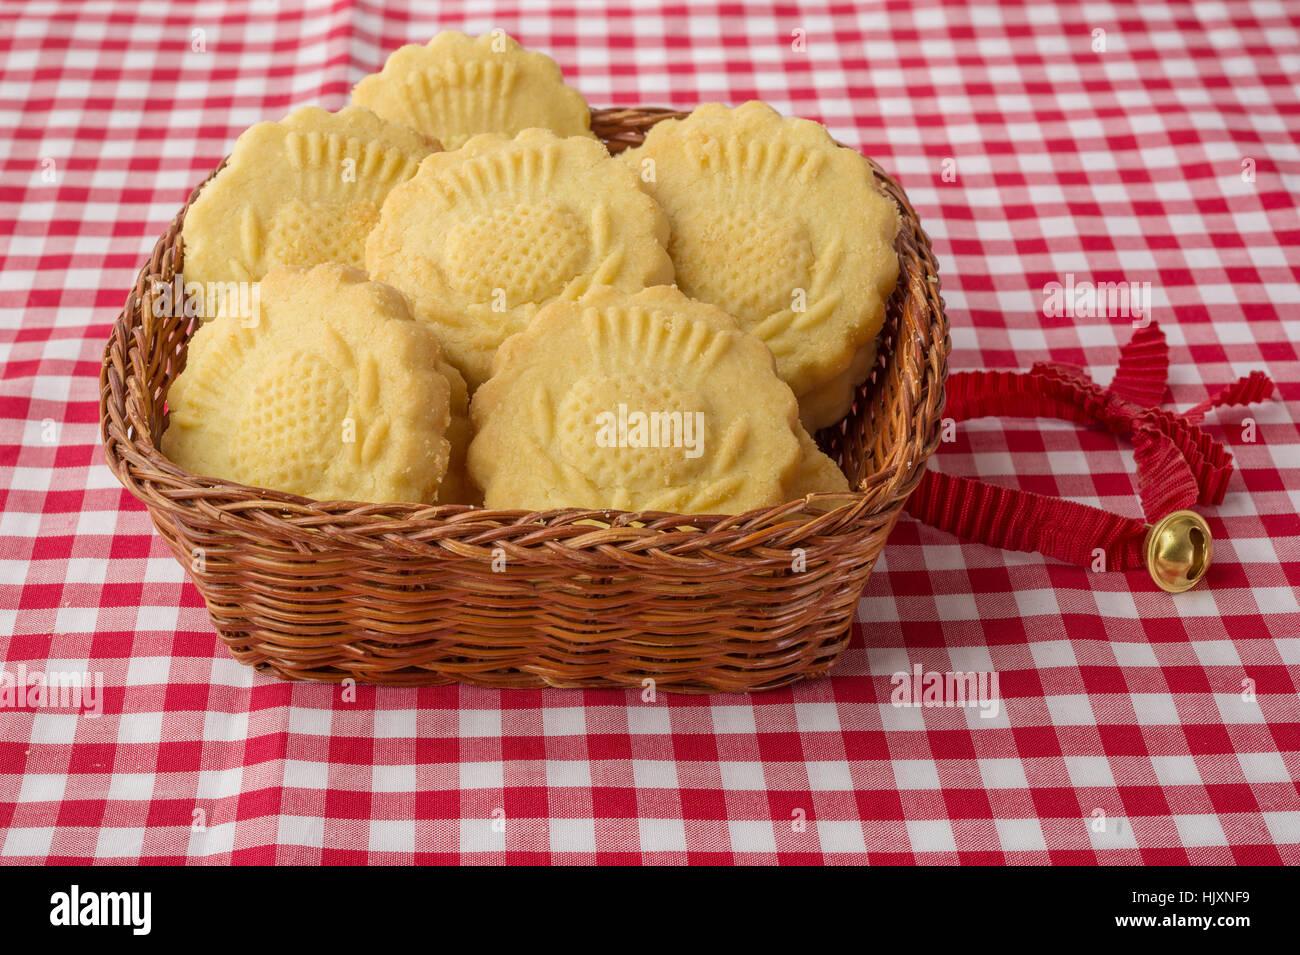 Einige dekoriert traditionelle Butterkekse in den geflochtenen Korb ...